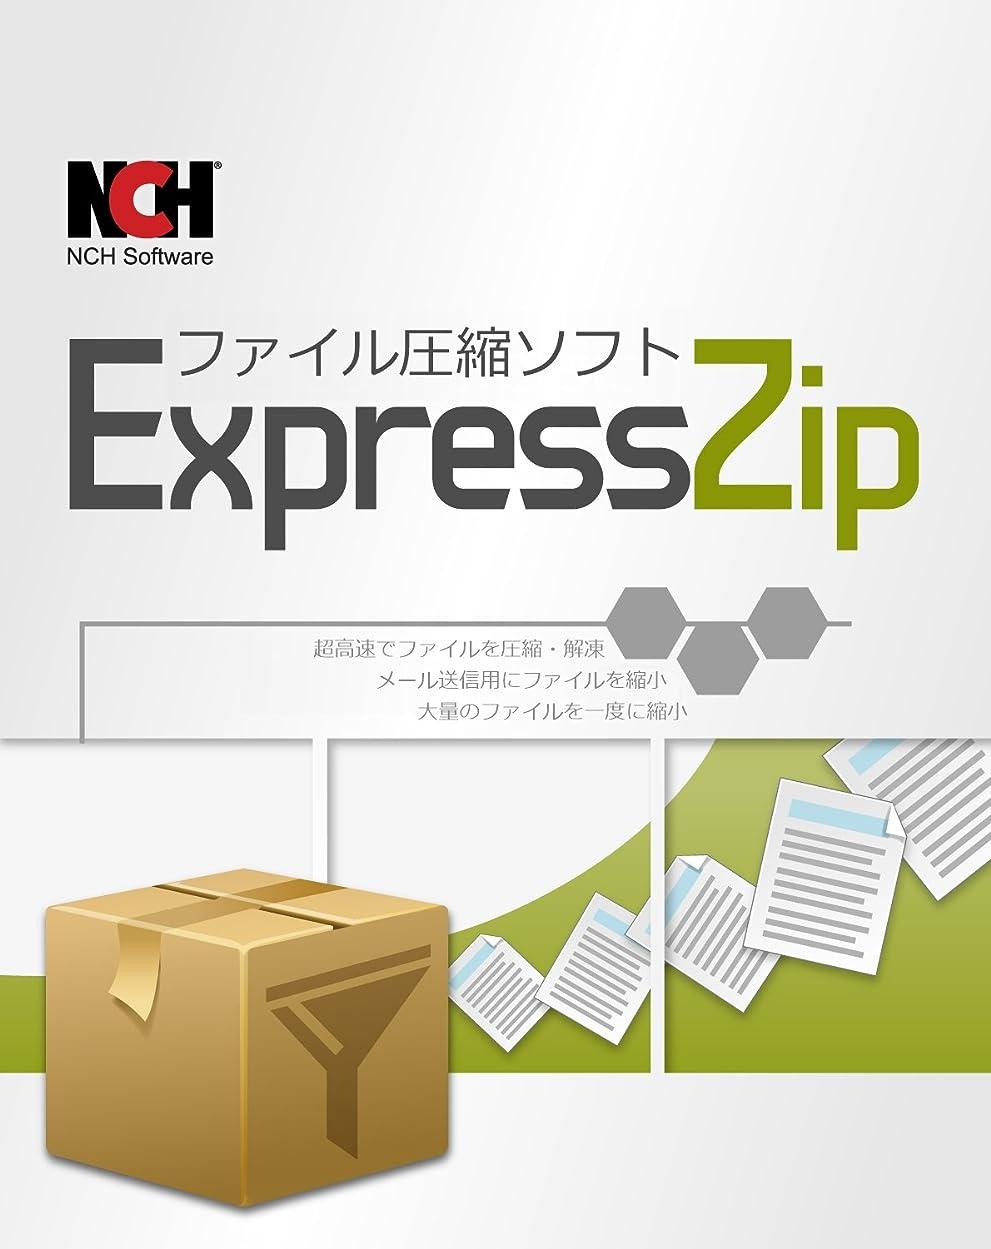 全能ピースドラマExpress Zipファイル圧縮ソフトMac版|ダウンロード版